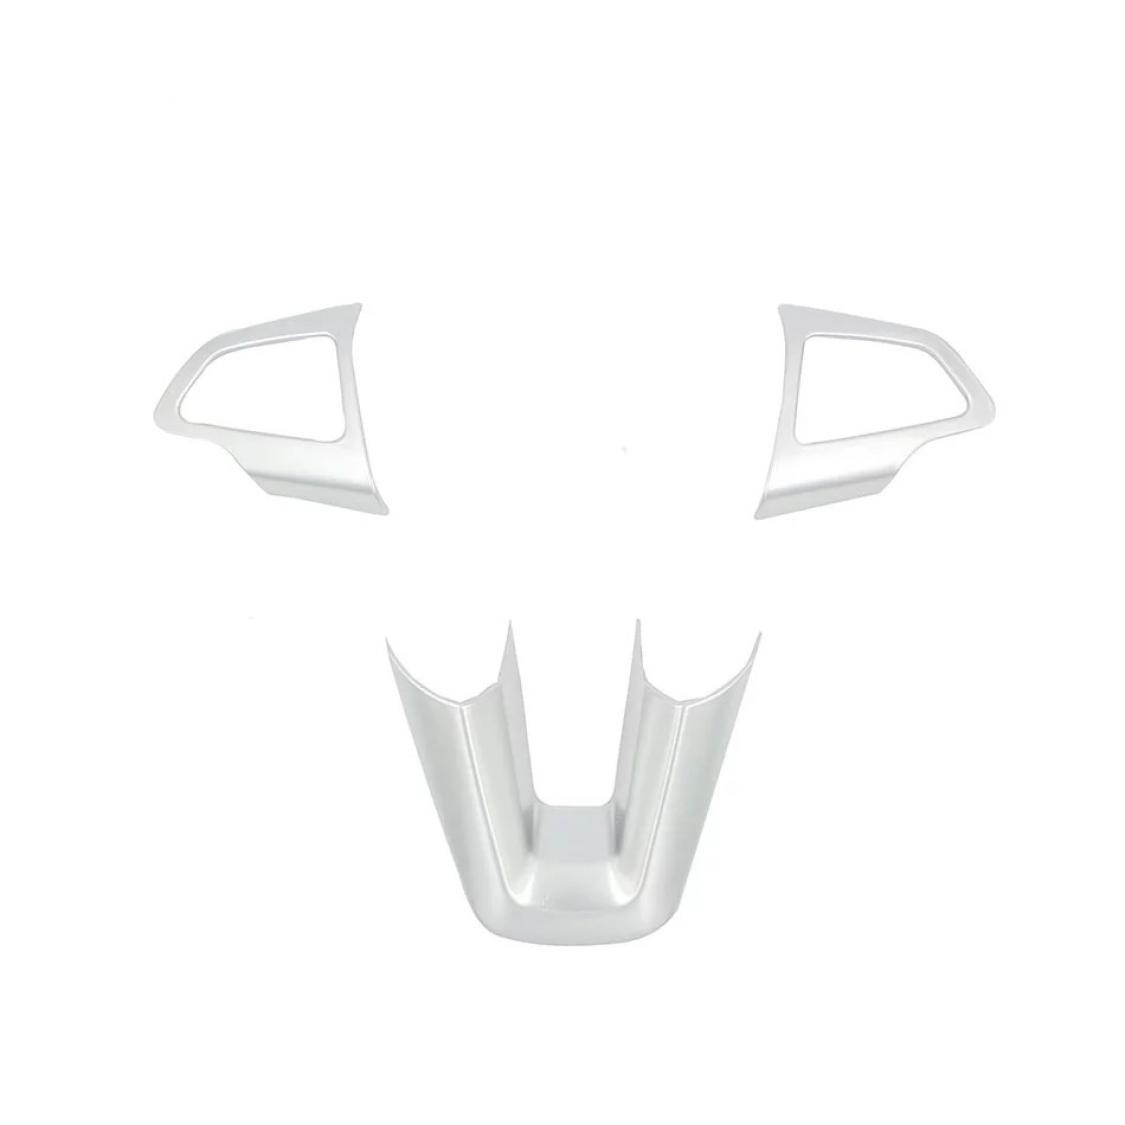 Ziemlich Ford Flex Rahmen Galerie - Benutzerdefinierte Bilderrahmen ...